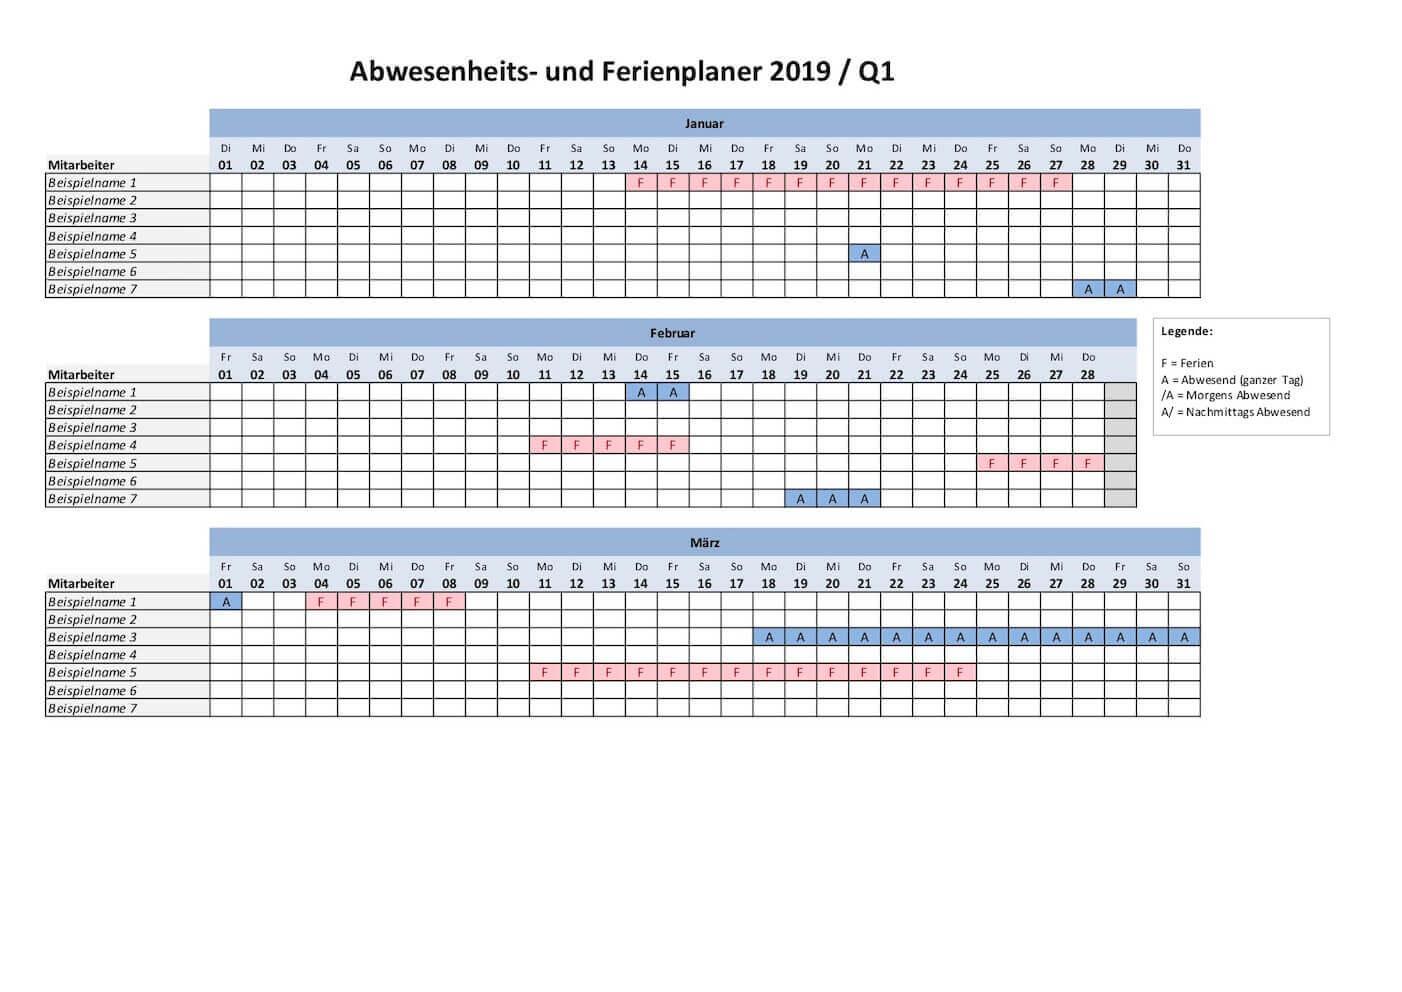 Ferienplaner 2019 Excel Vorlage Gratis Download Schweiz Kalenderch